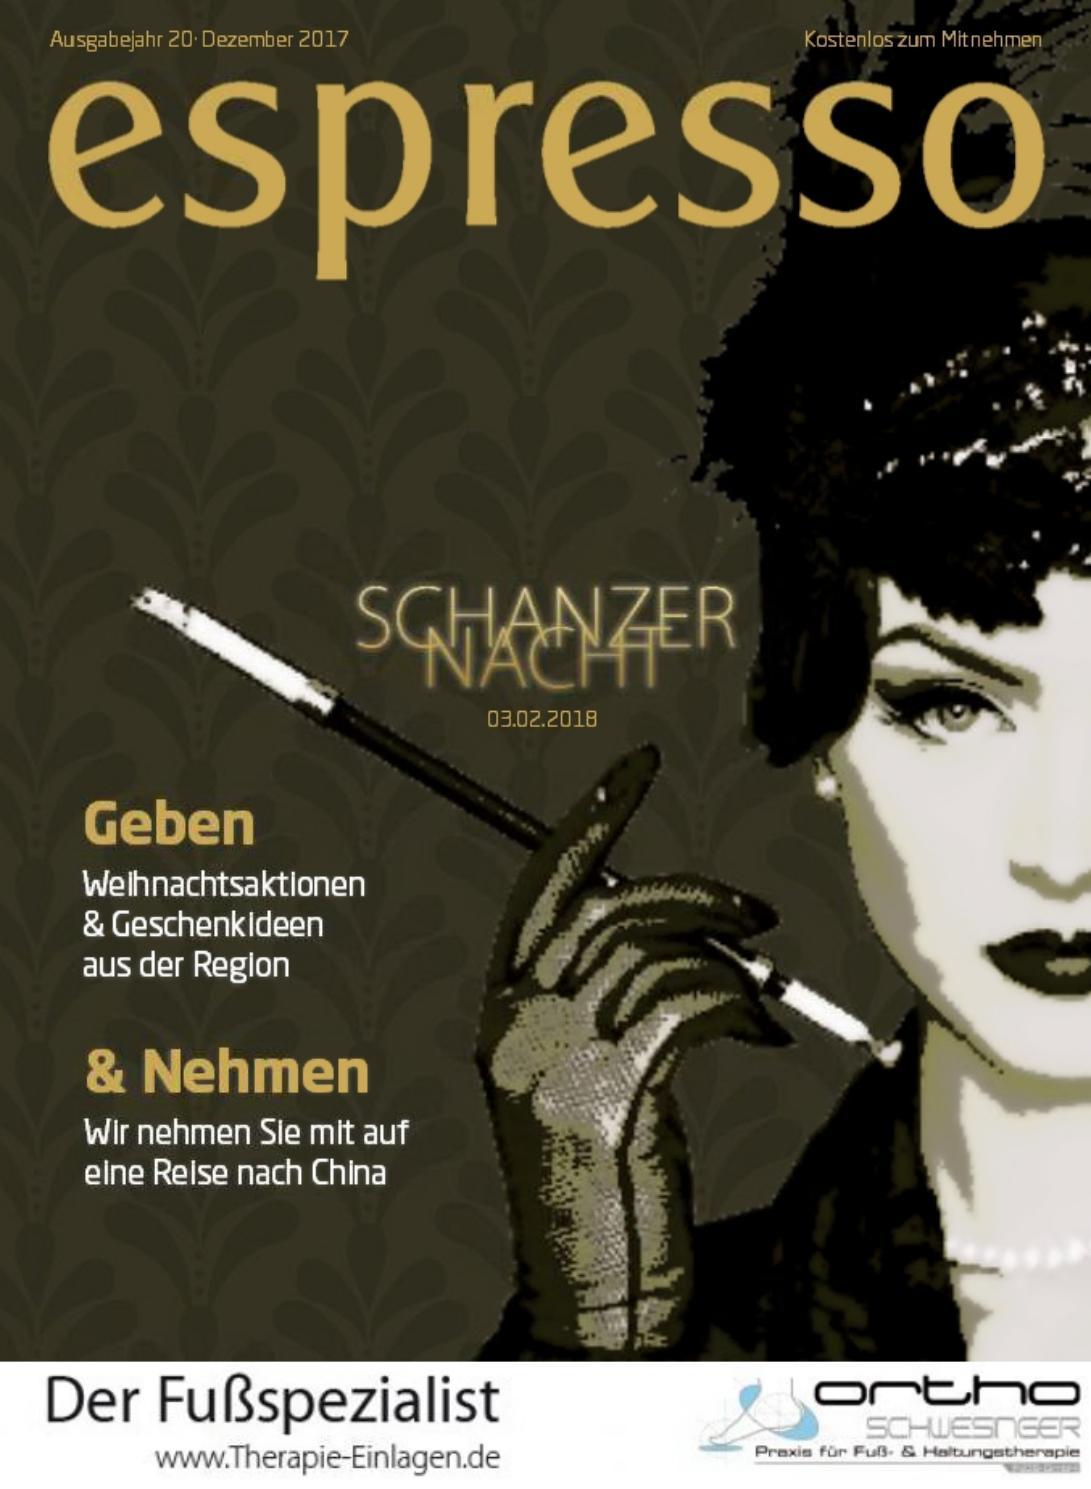 espresso Magazin Dezember 2017 by espresso Magazin - issuu